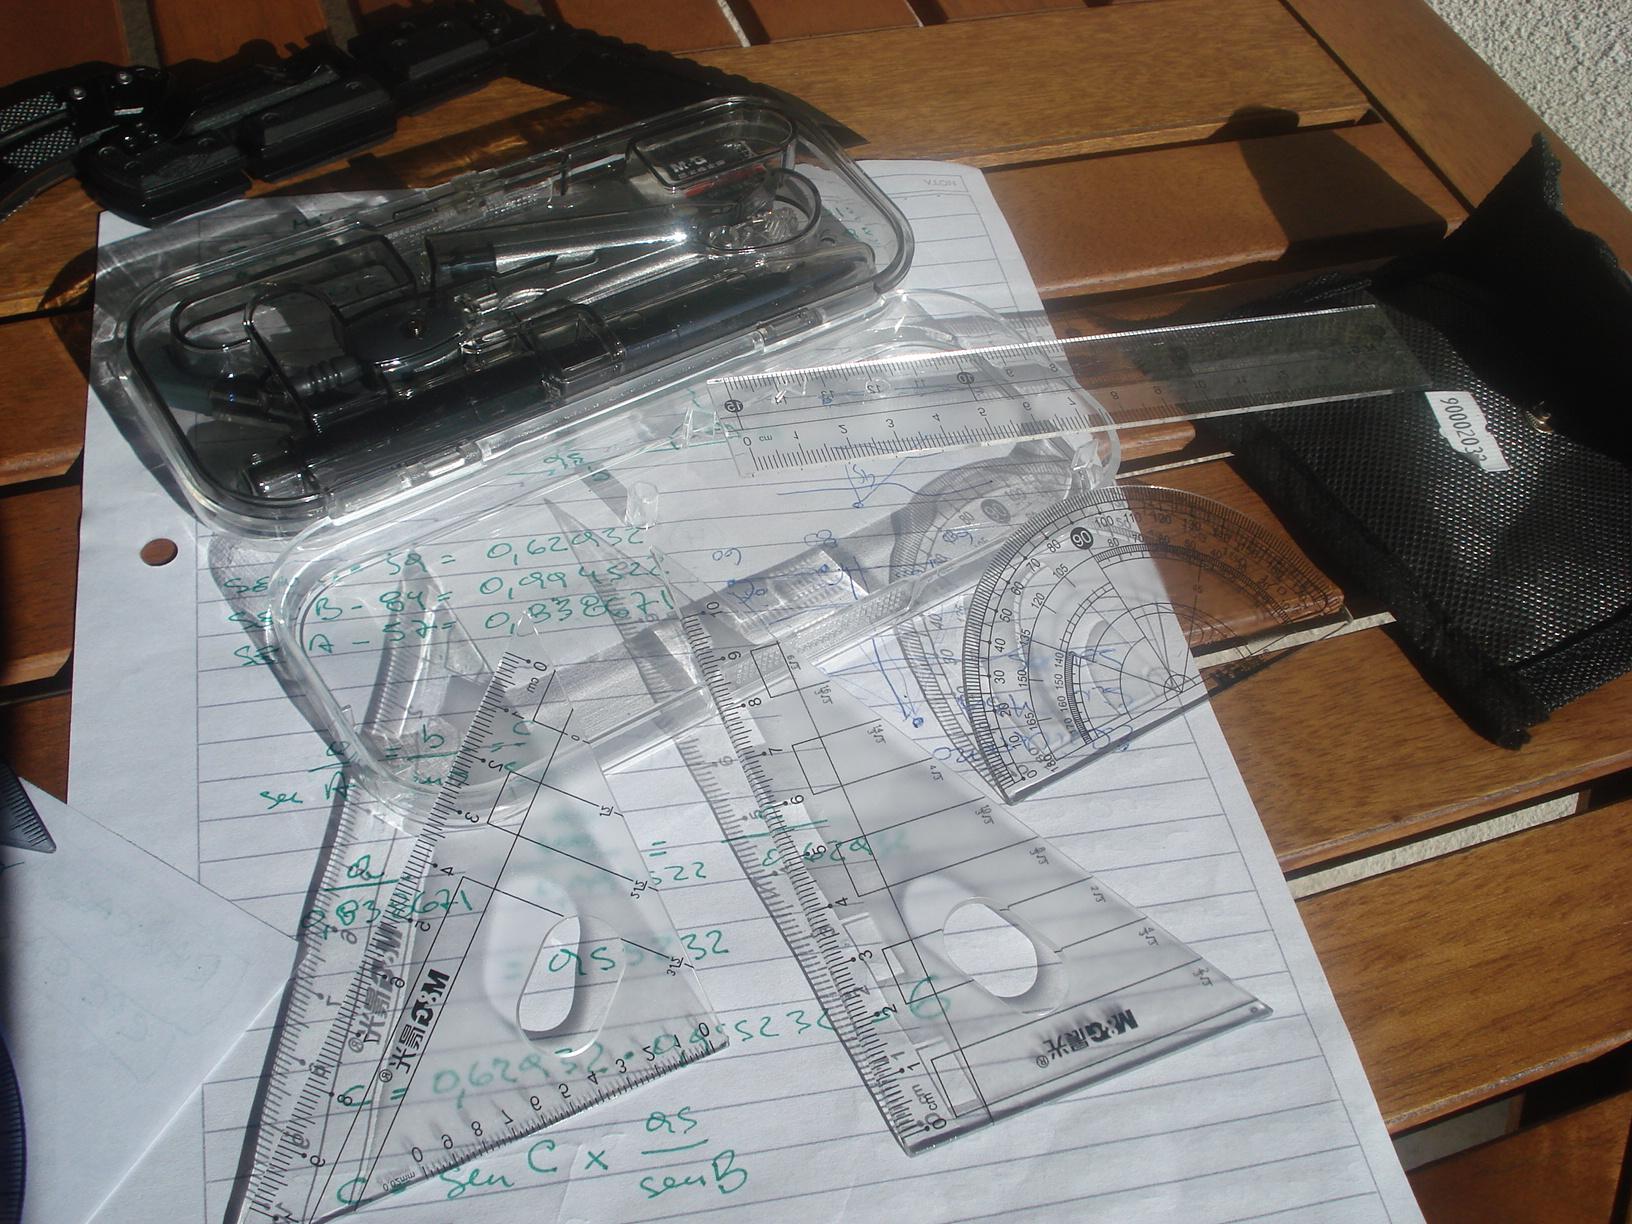 Un pequeño kit de brújulas, protractors (compases) y reglas de escala... y algo más. DSC00450